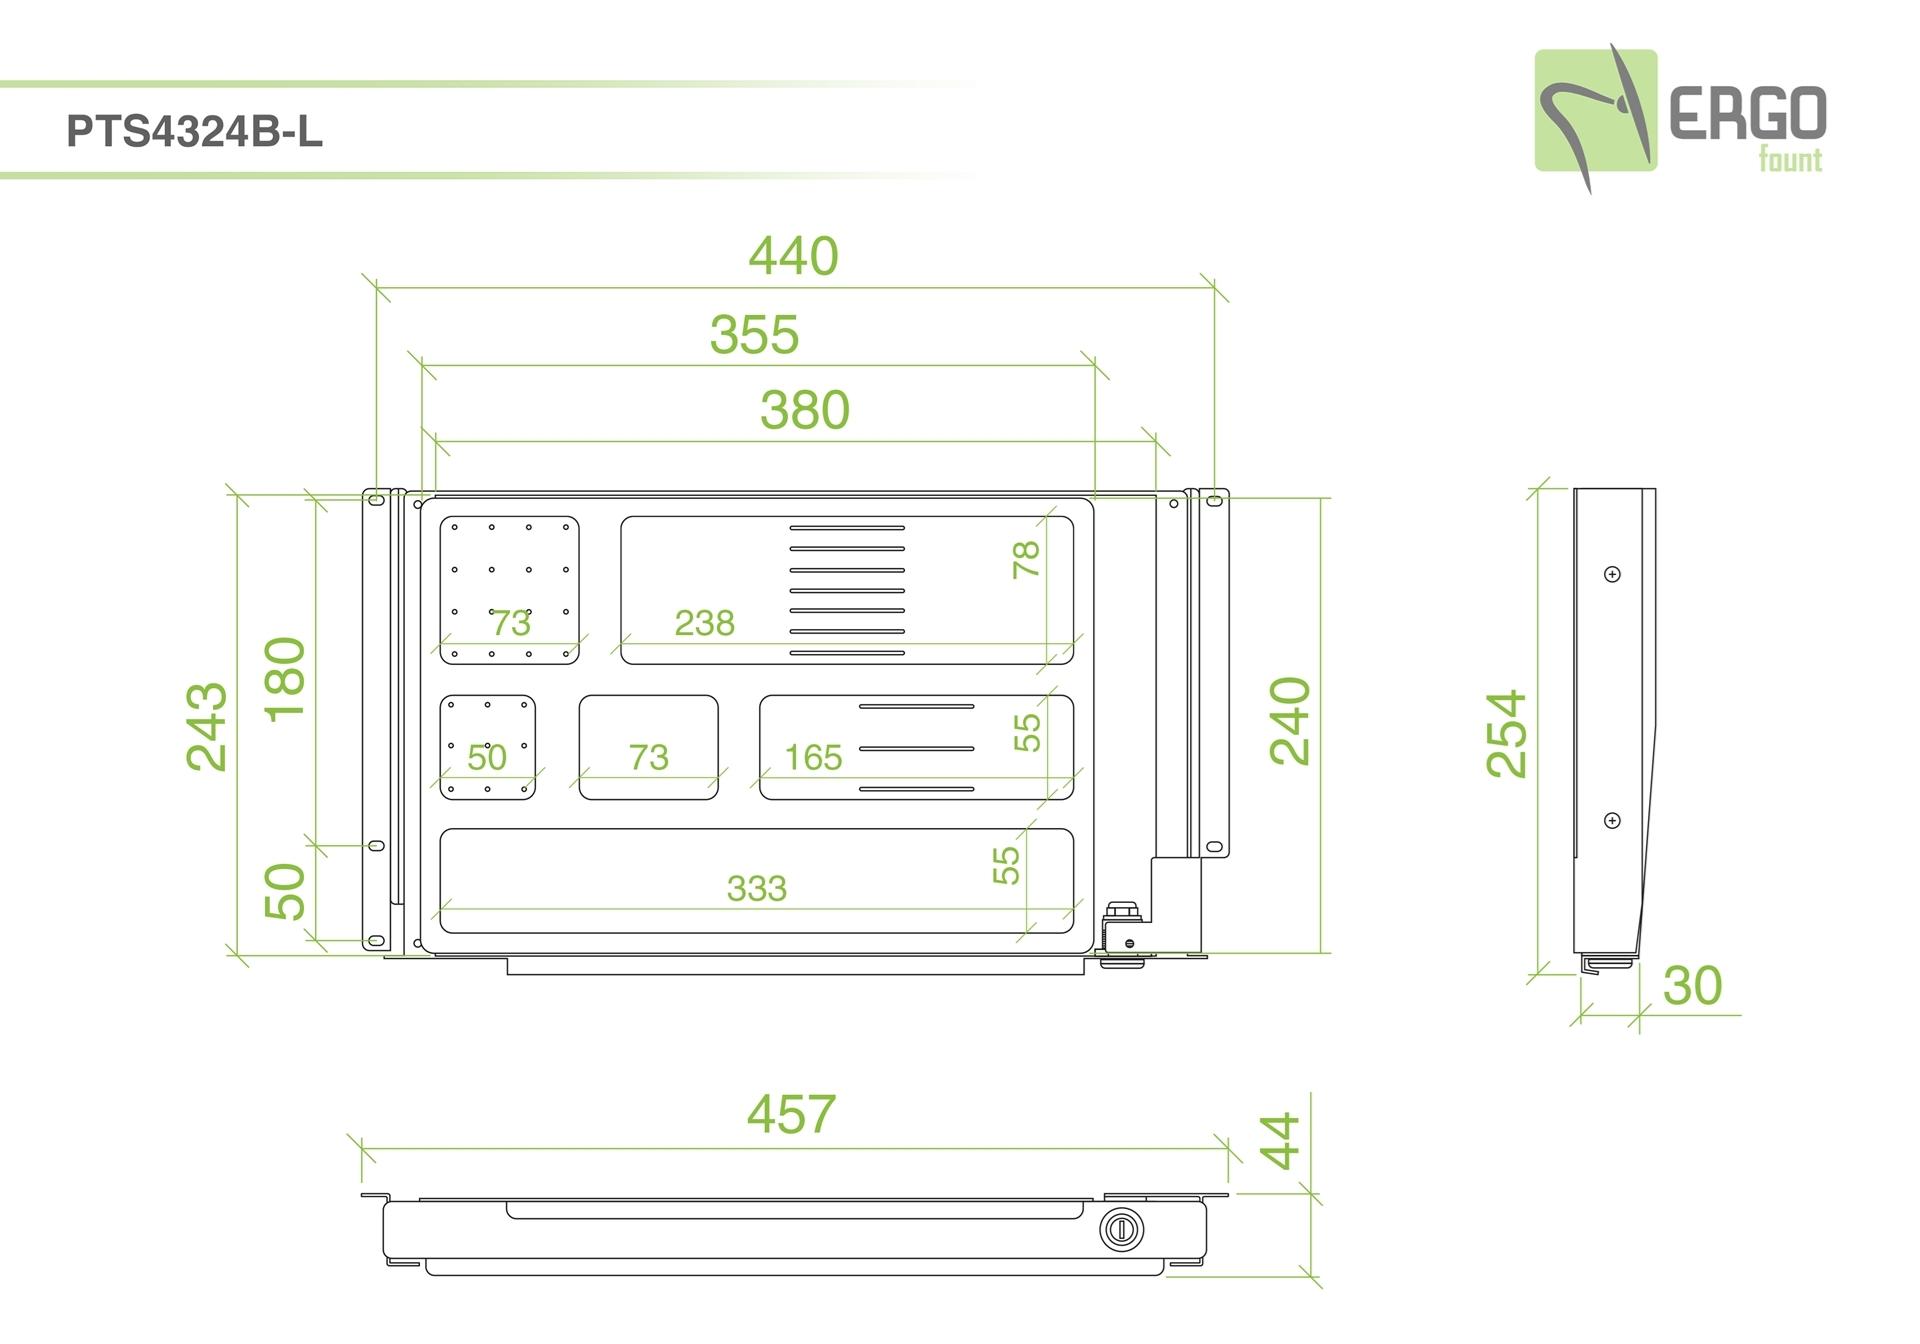 ErgoFount PTS4324B-L - Выдвижной ящик-органайзер с замком для канцелярских принадлежностей под стол, средний, черный